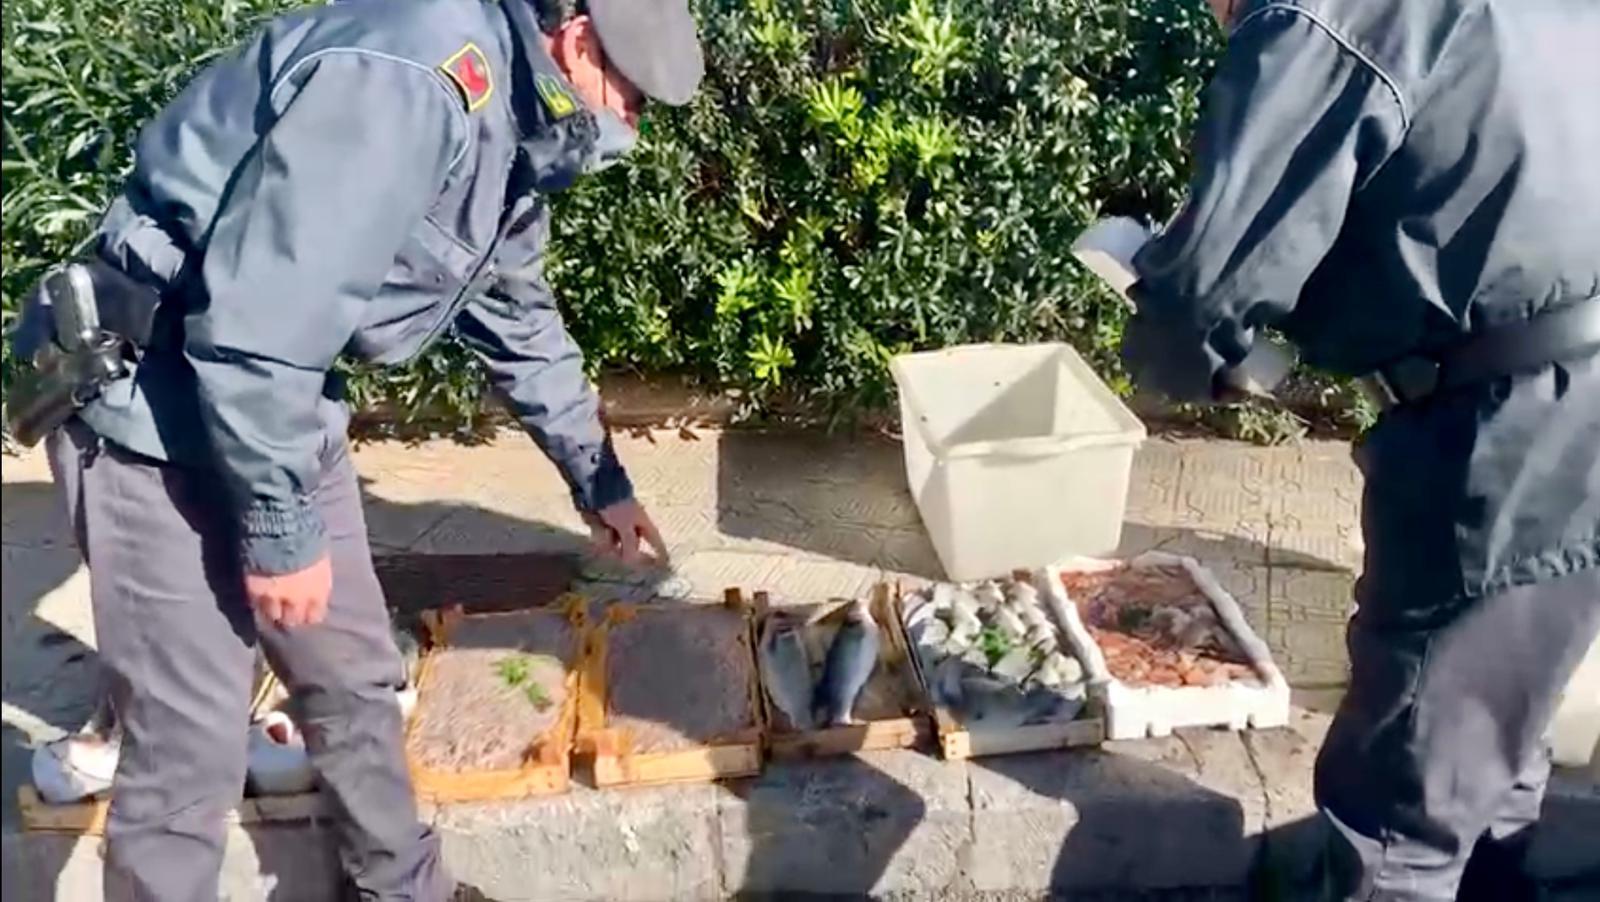 Col reddito di cittadinanza, ma vende pesce abusivamente: sequestro e multa